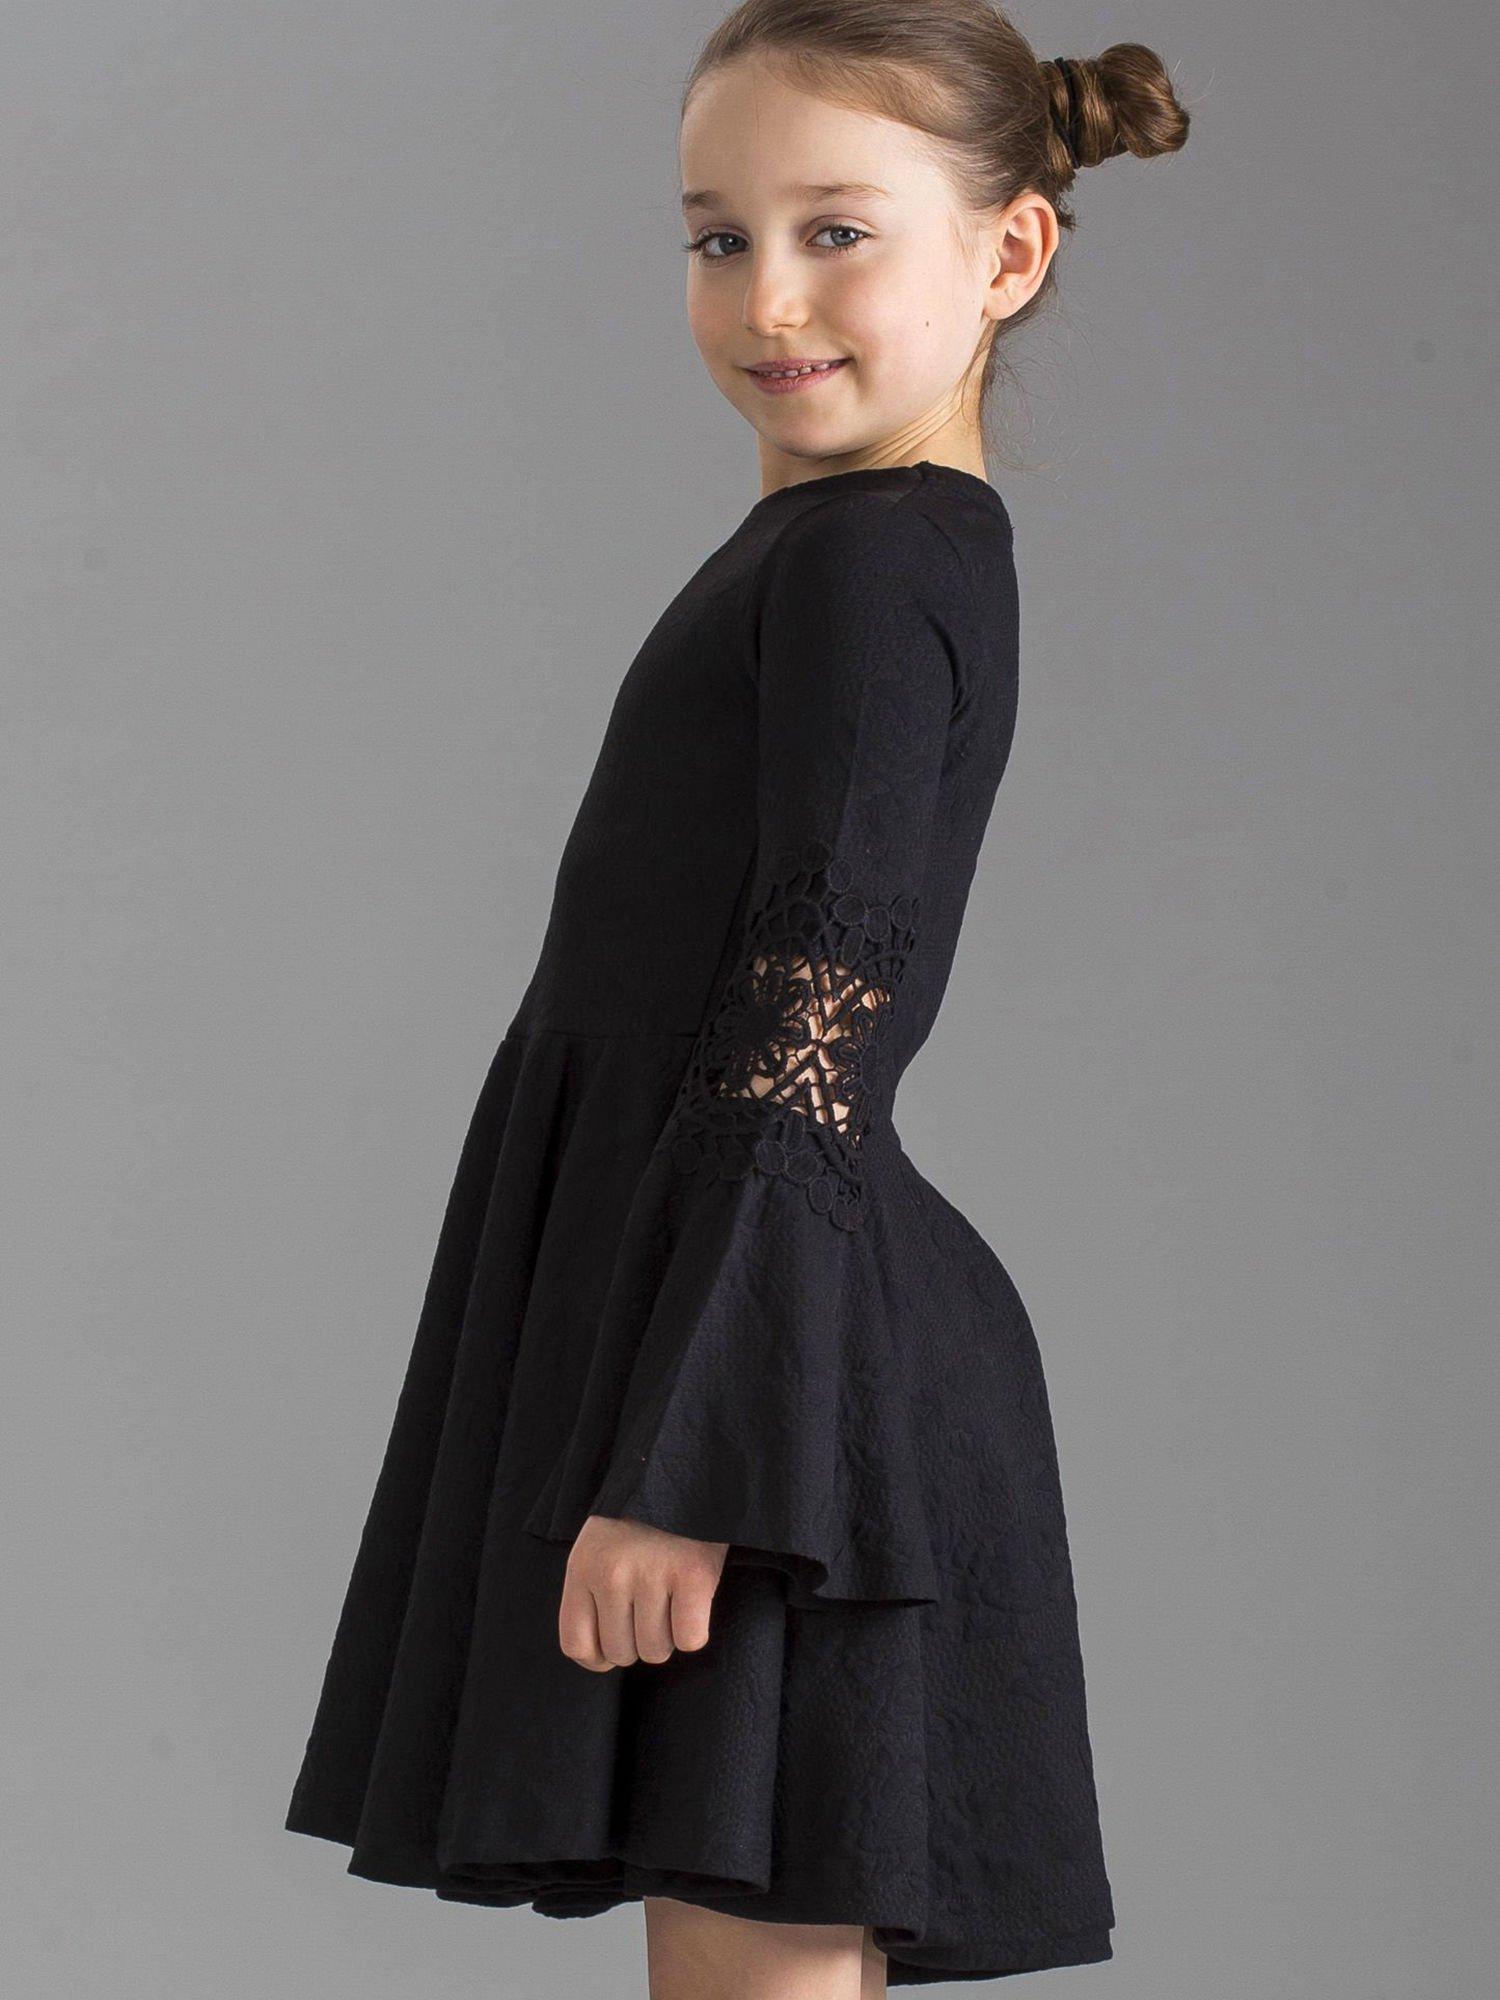 czarna sukienka dla nastolatków afrykański łup kurwa